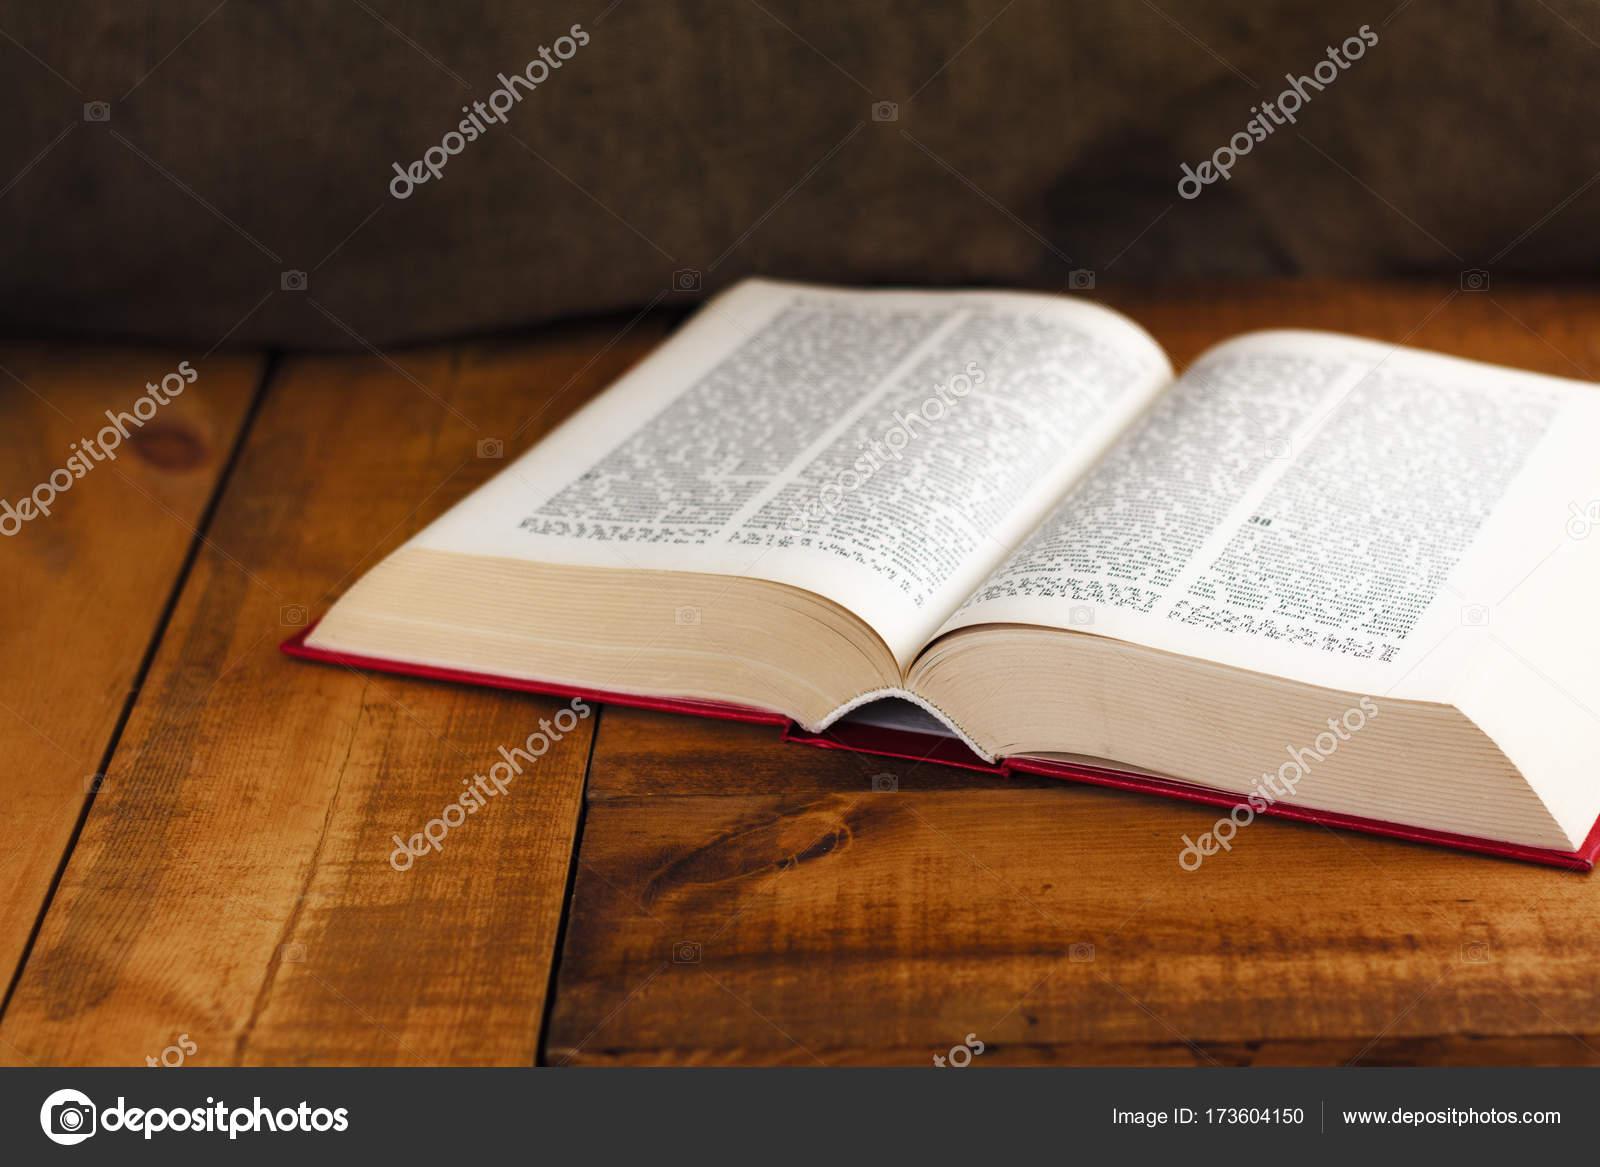 Houten Bureau Gebruikt.Boek Open Oud Wijsheid Bureau Lees Religie Perkament Literatuur